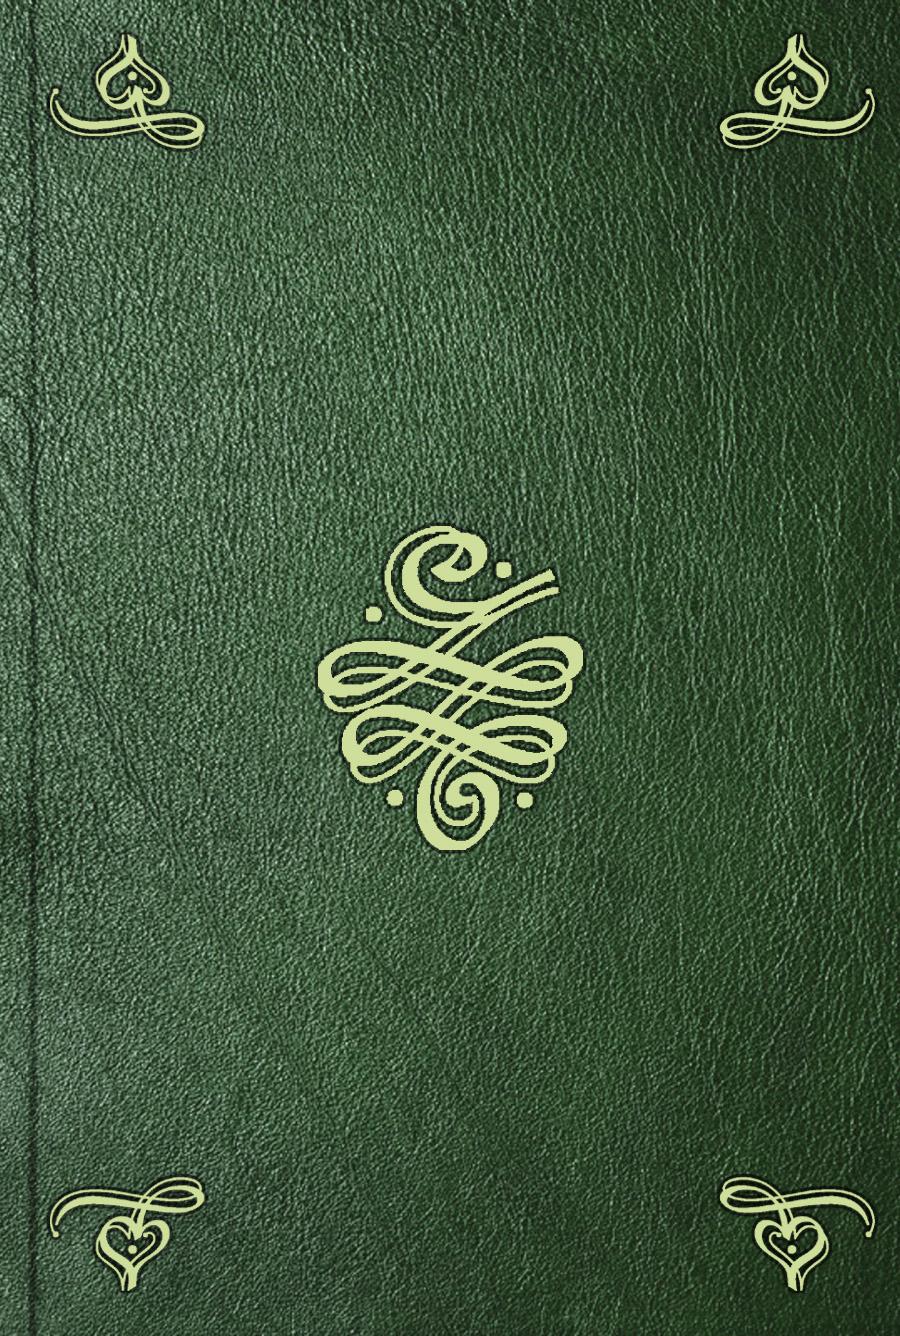 Robert Le Suire Le philosophe parvenu ou lettres et pieces originales. T. 2 автор не указан le coran t 2